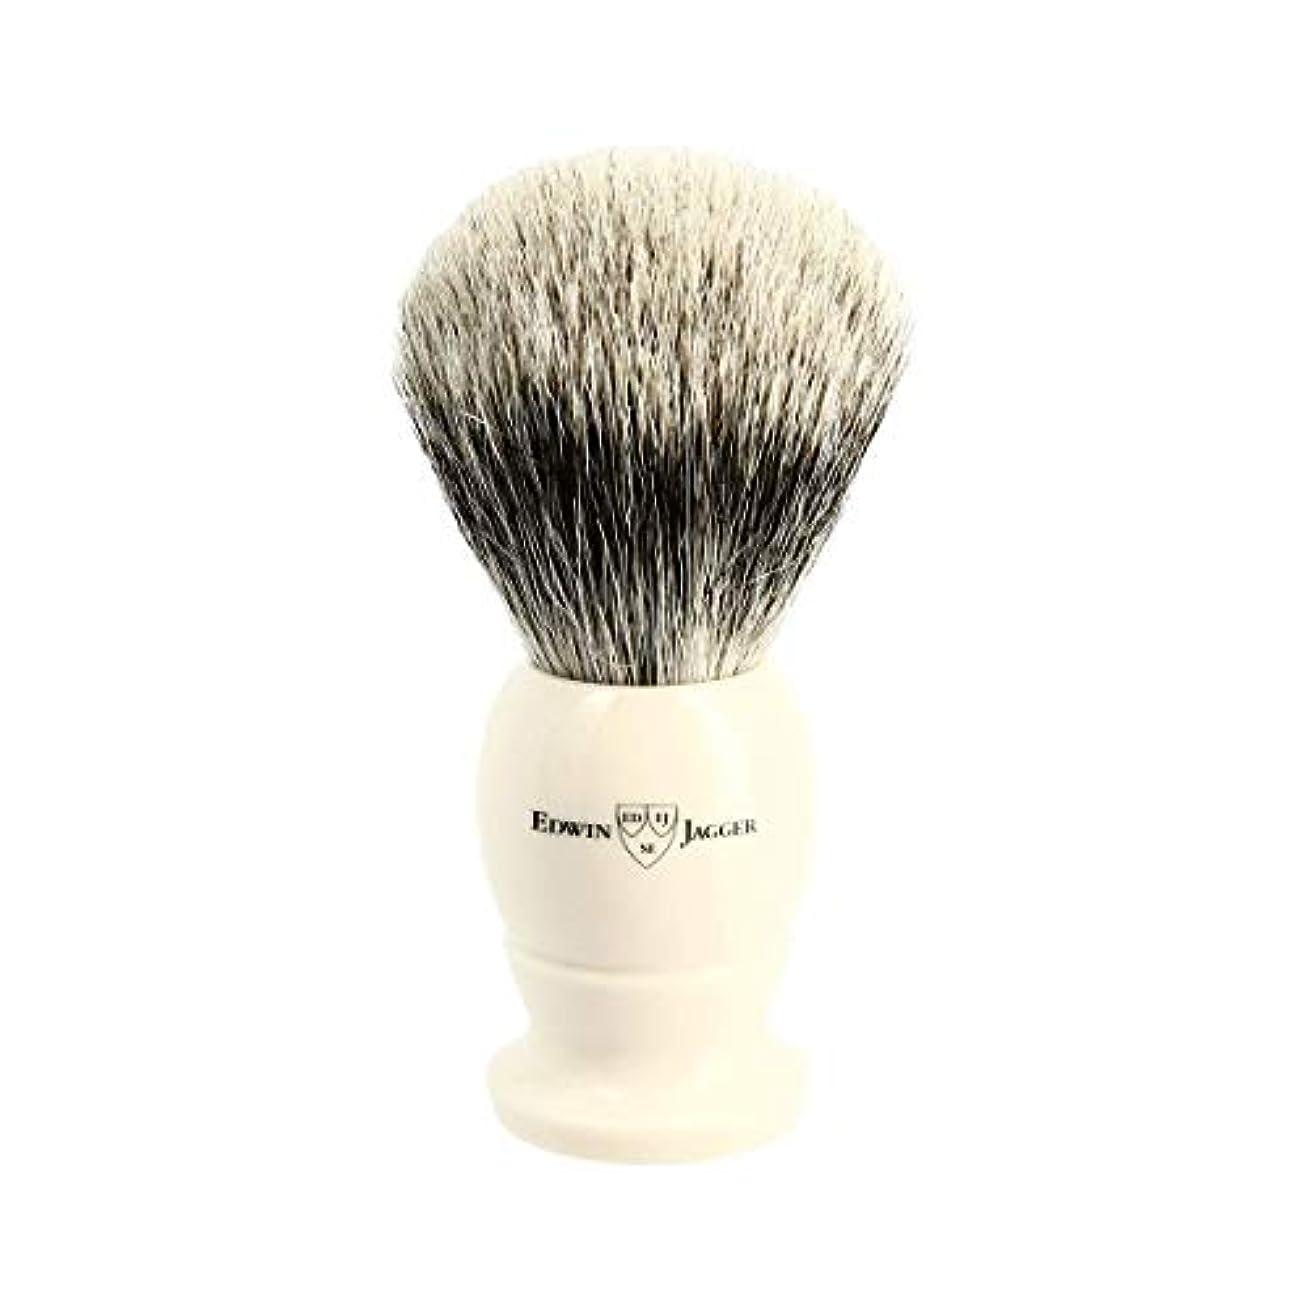 バイアスうっかり試してみるエドウィンジャガー アイボリー ベストバッジャーアナグマ毛 シェービングブラシ大3EJ877[海外直送品]Edwin Jagger Ivory Best Badger Shaving Brush Large 3EJ877...